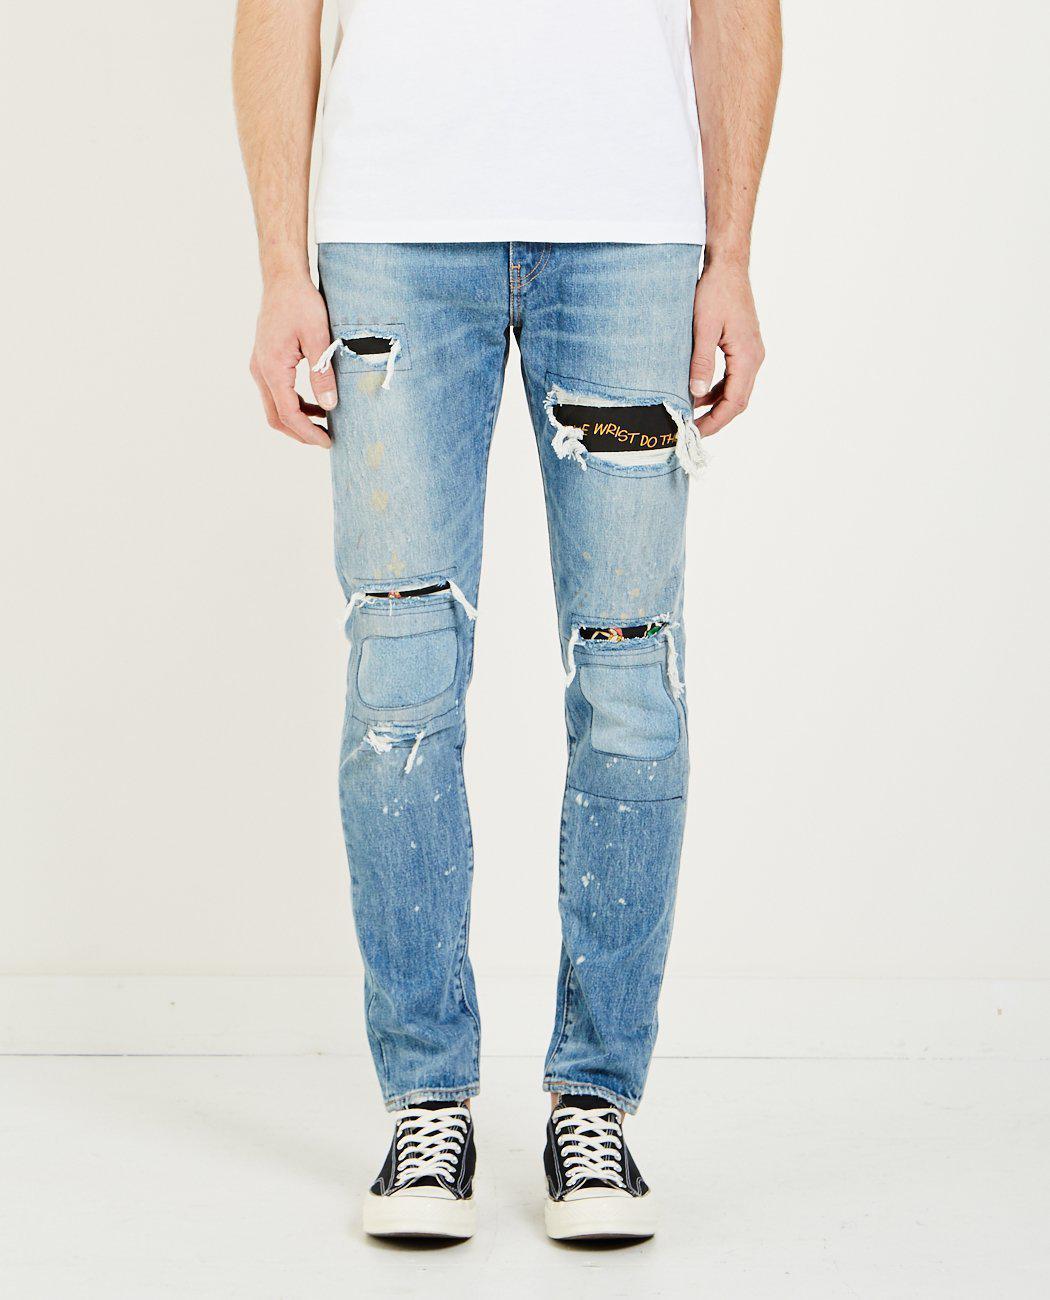 512 Skinny Jeans Hula Time - Hula time dx Levi's kLv8jpXk